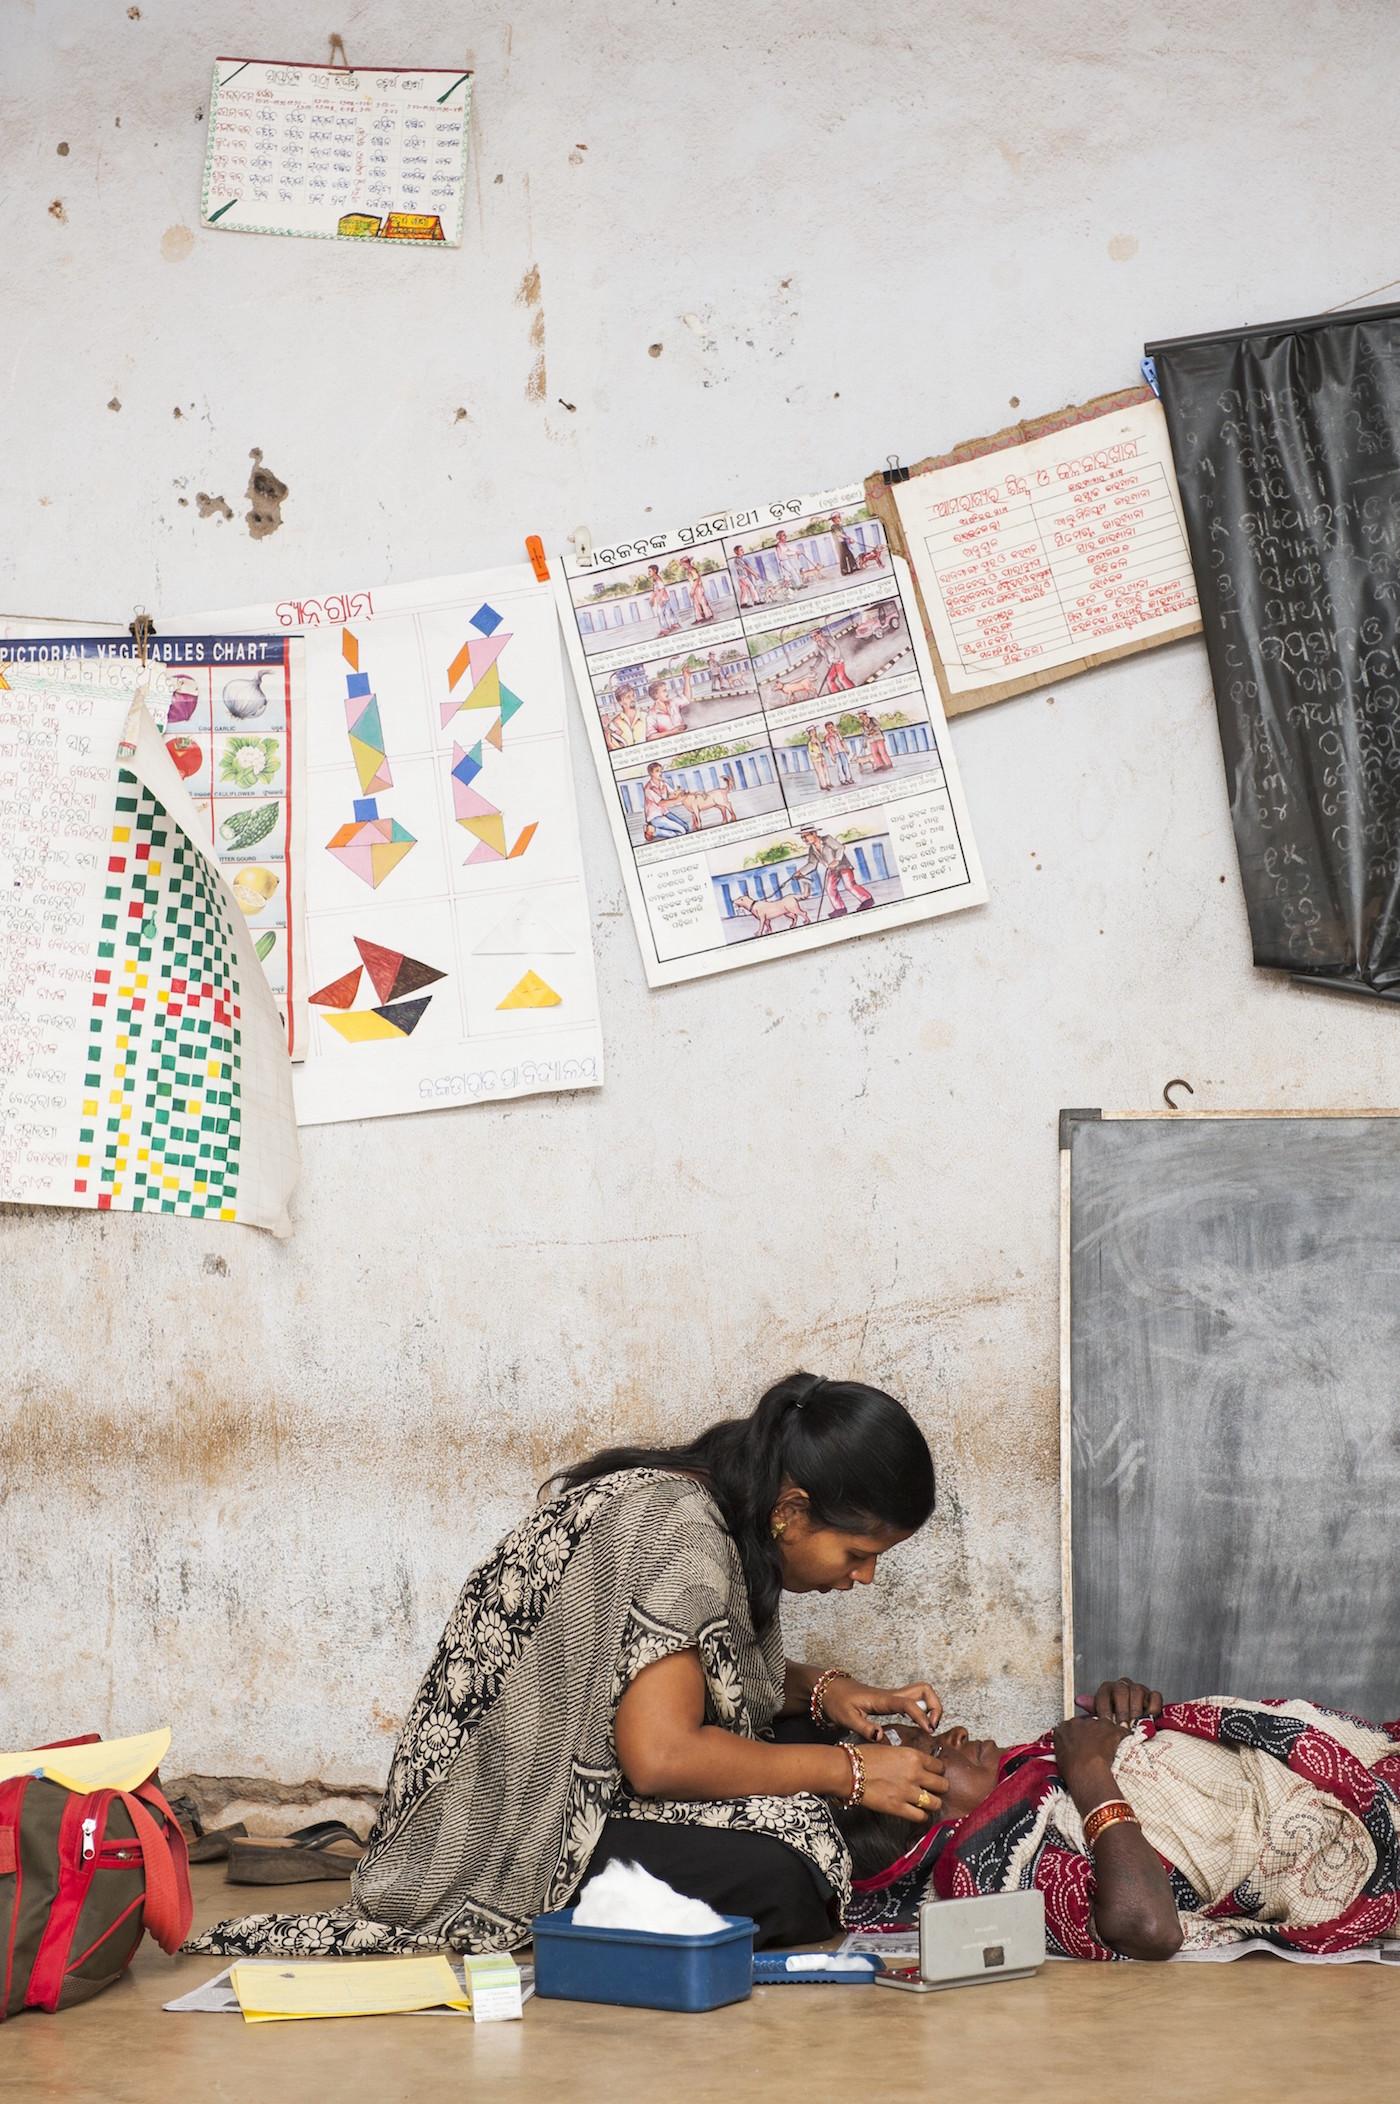 Patientenversorgung während eines Augenscreenings in Indien